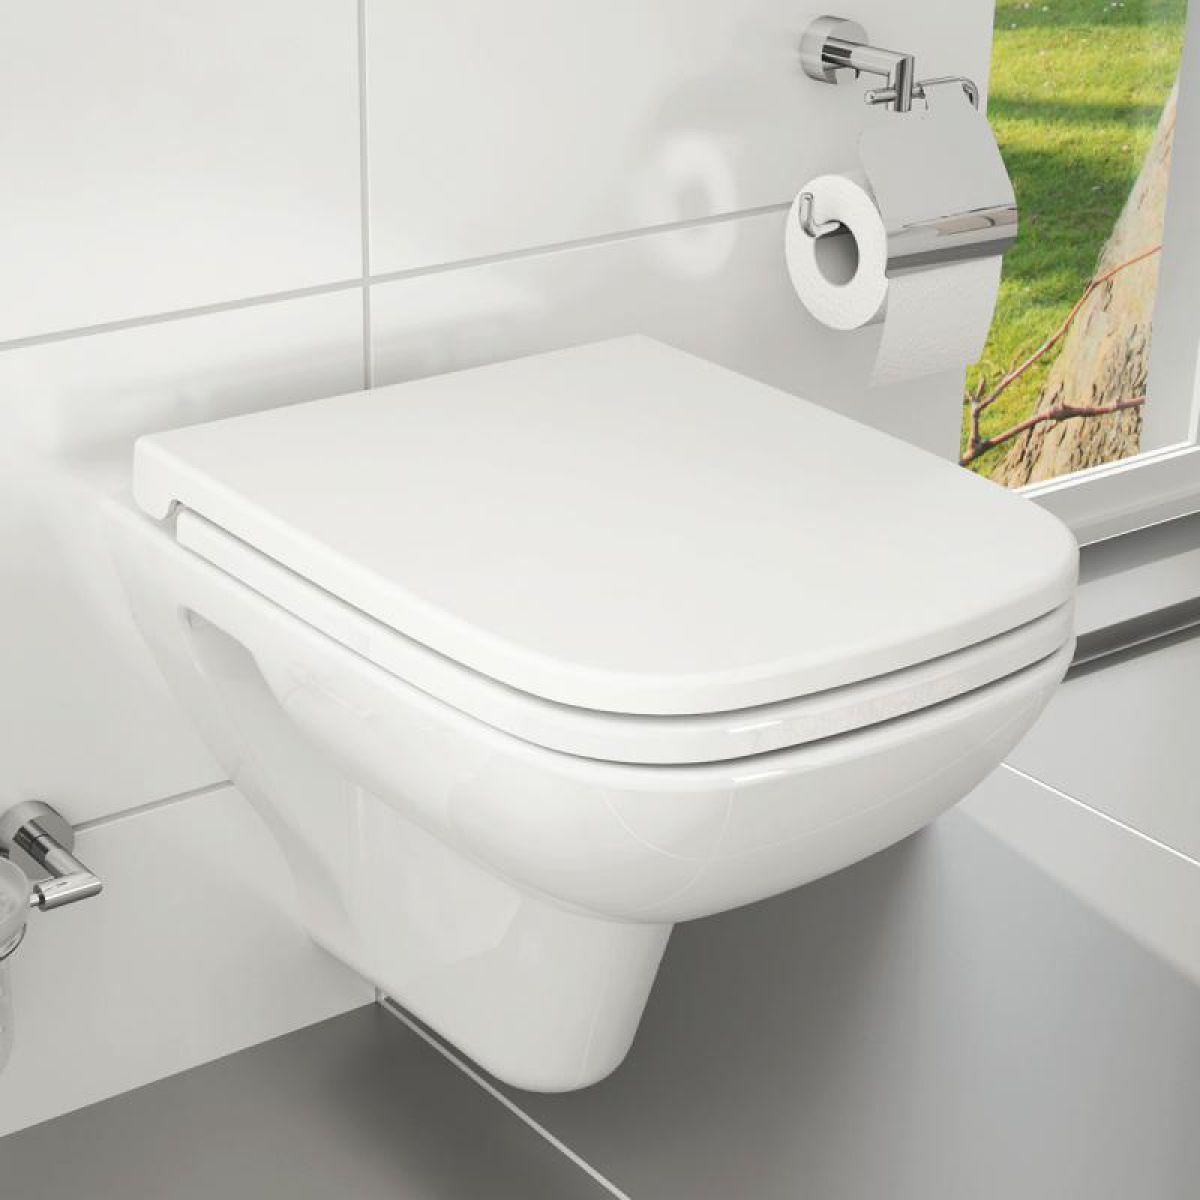 Vitra S20 Wall Mounted Toilet Vitra S20